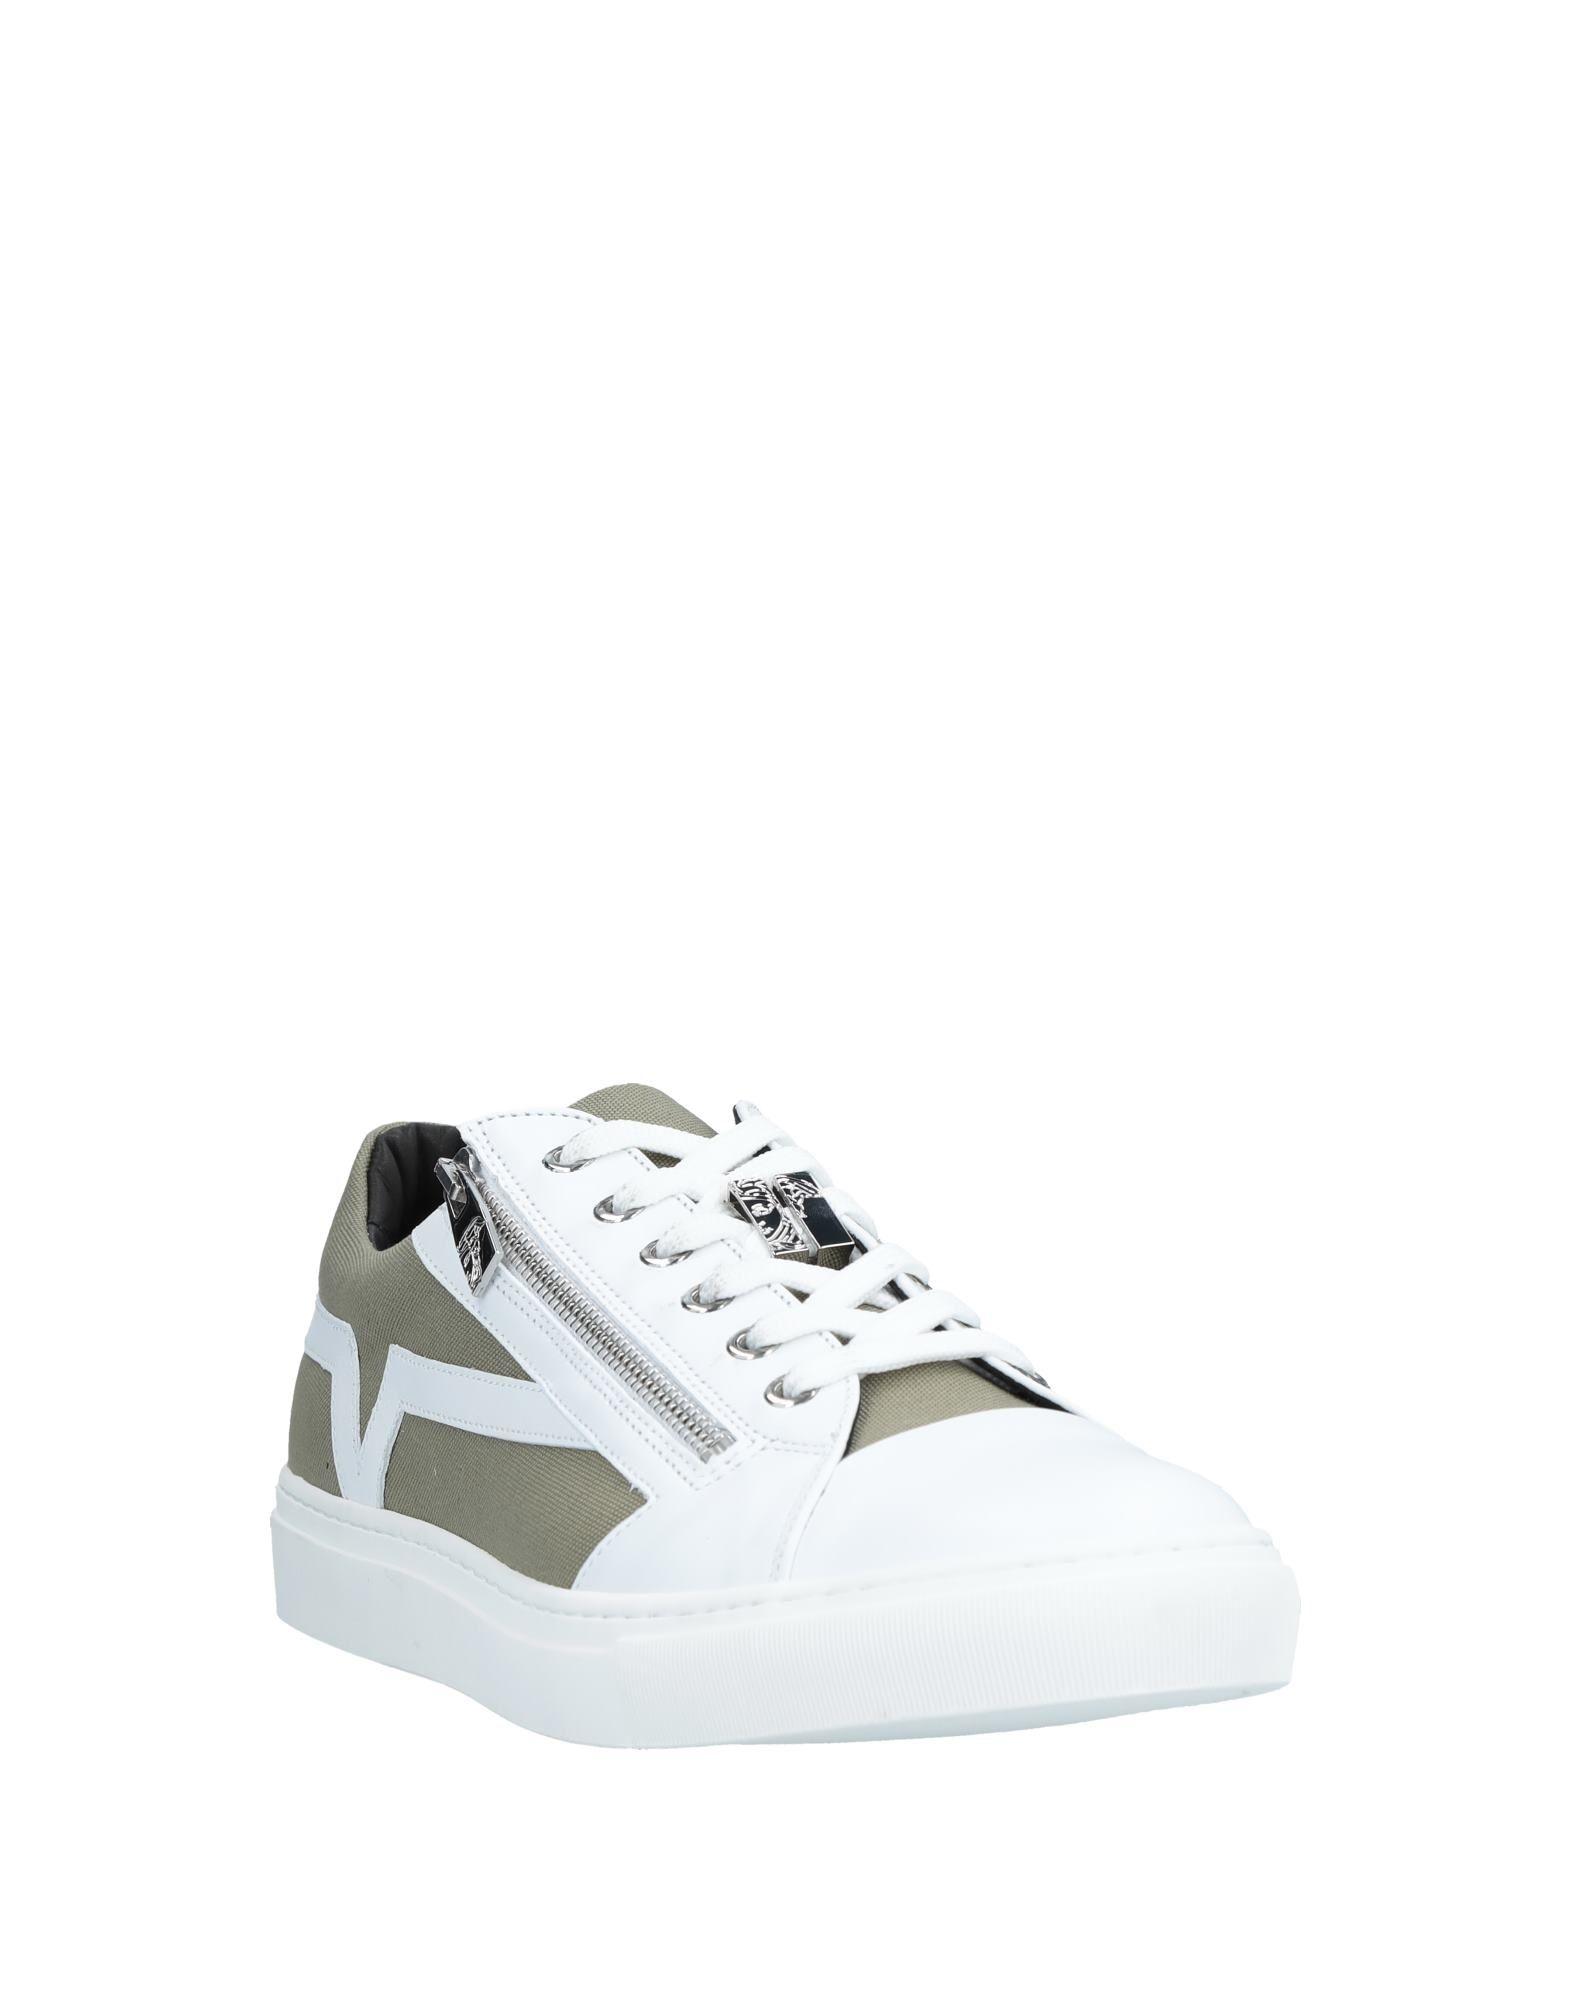 Versace Collection es Sneakers Herren Gutes Preis-Leistungs-Verhältnis, es Collection lohnt sich,Billig-22515 3fabc0